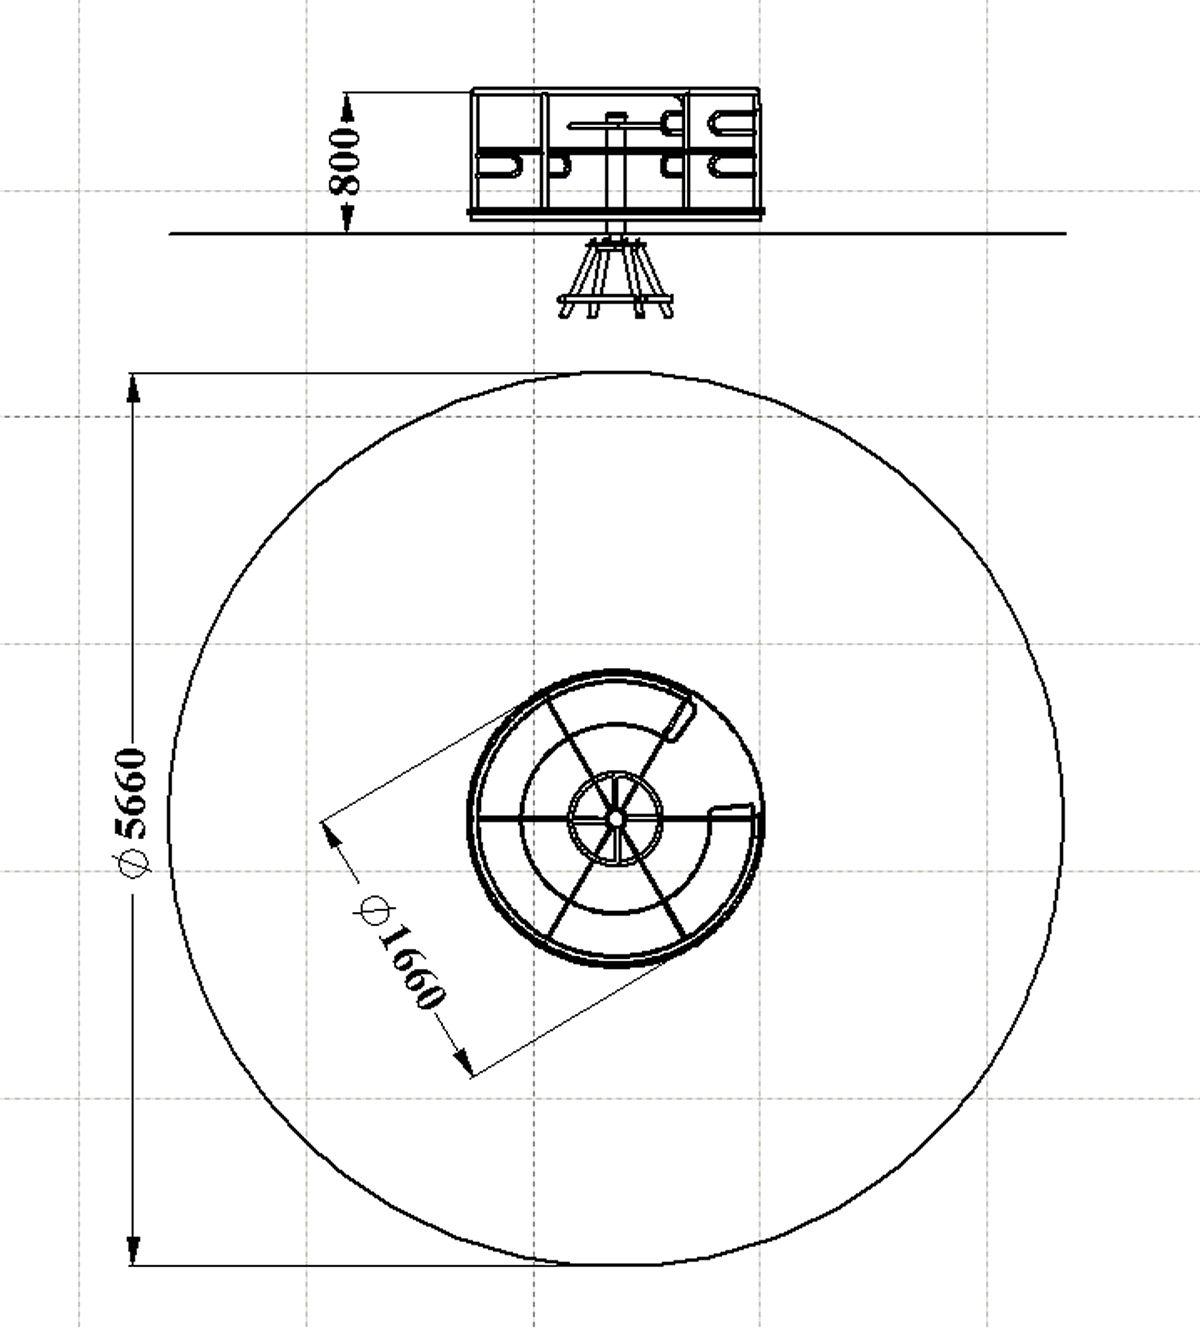 карта карусели на вагонетки - 7